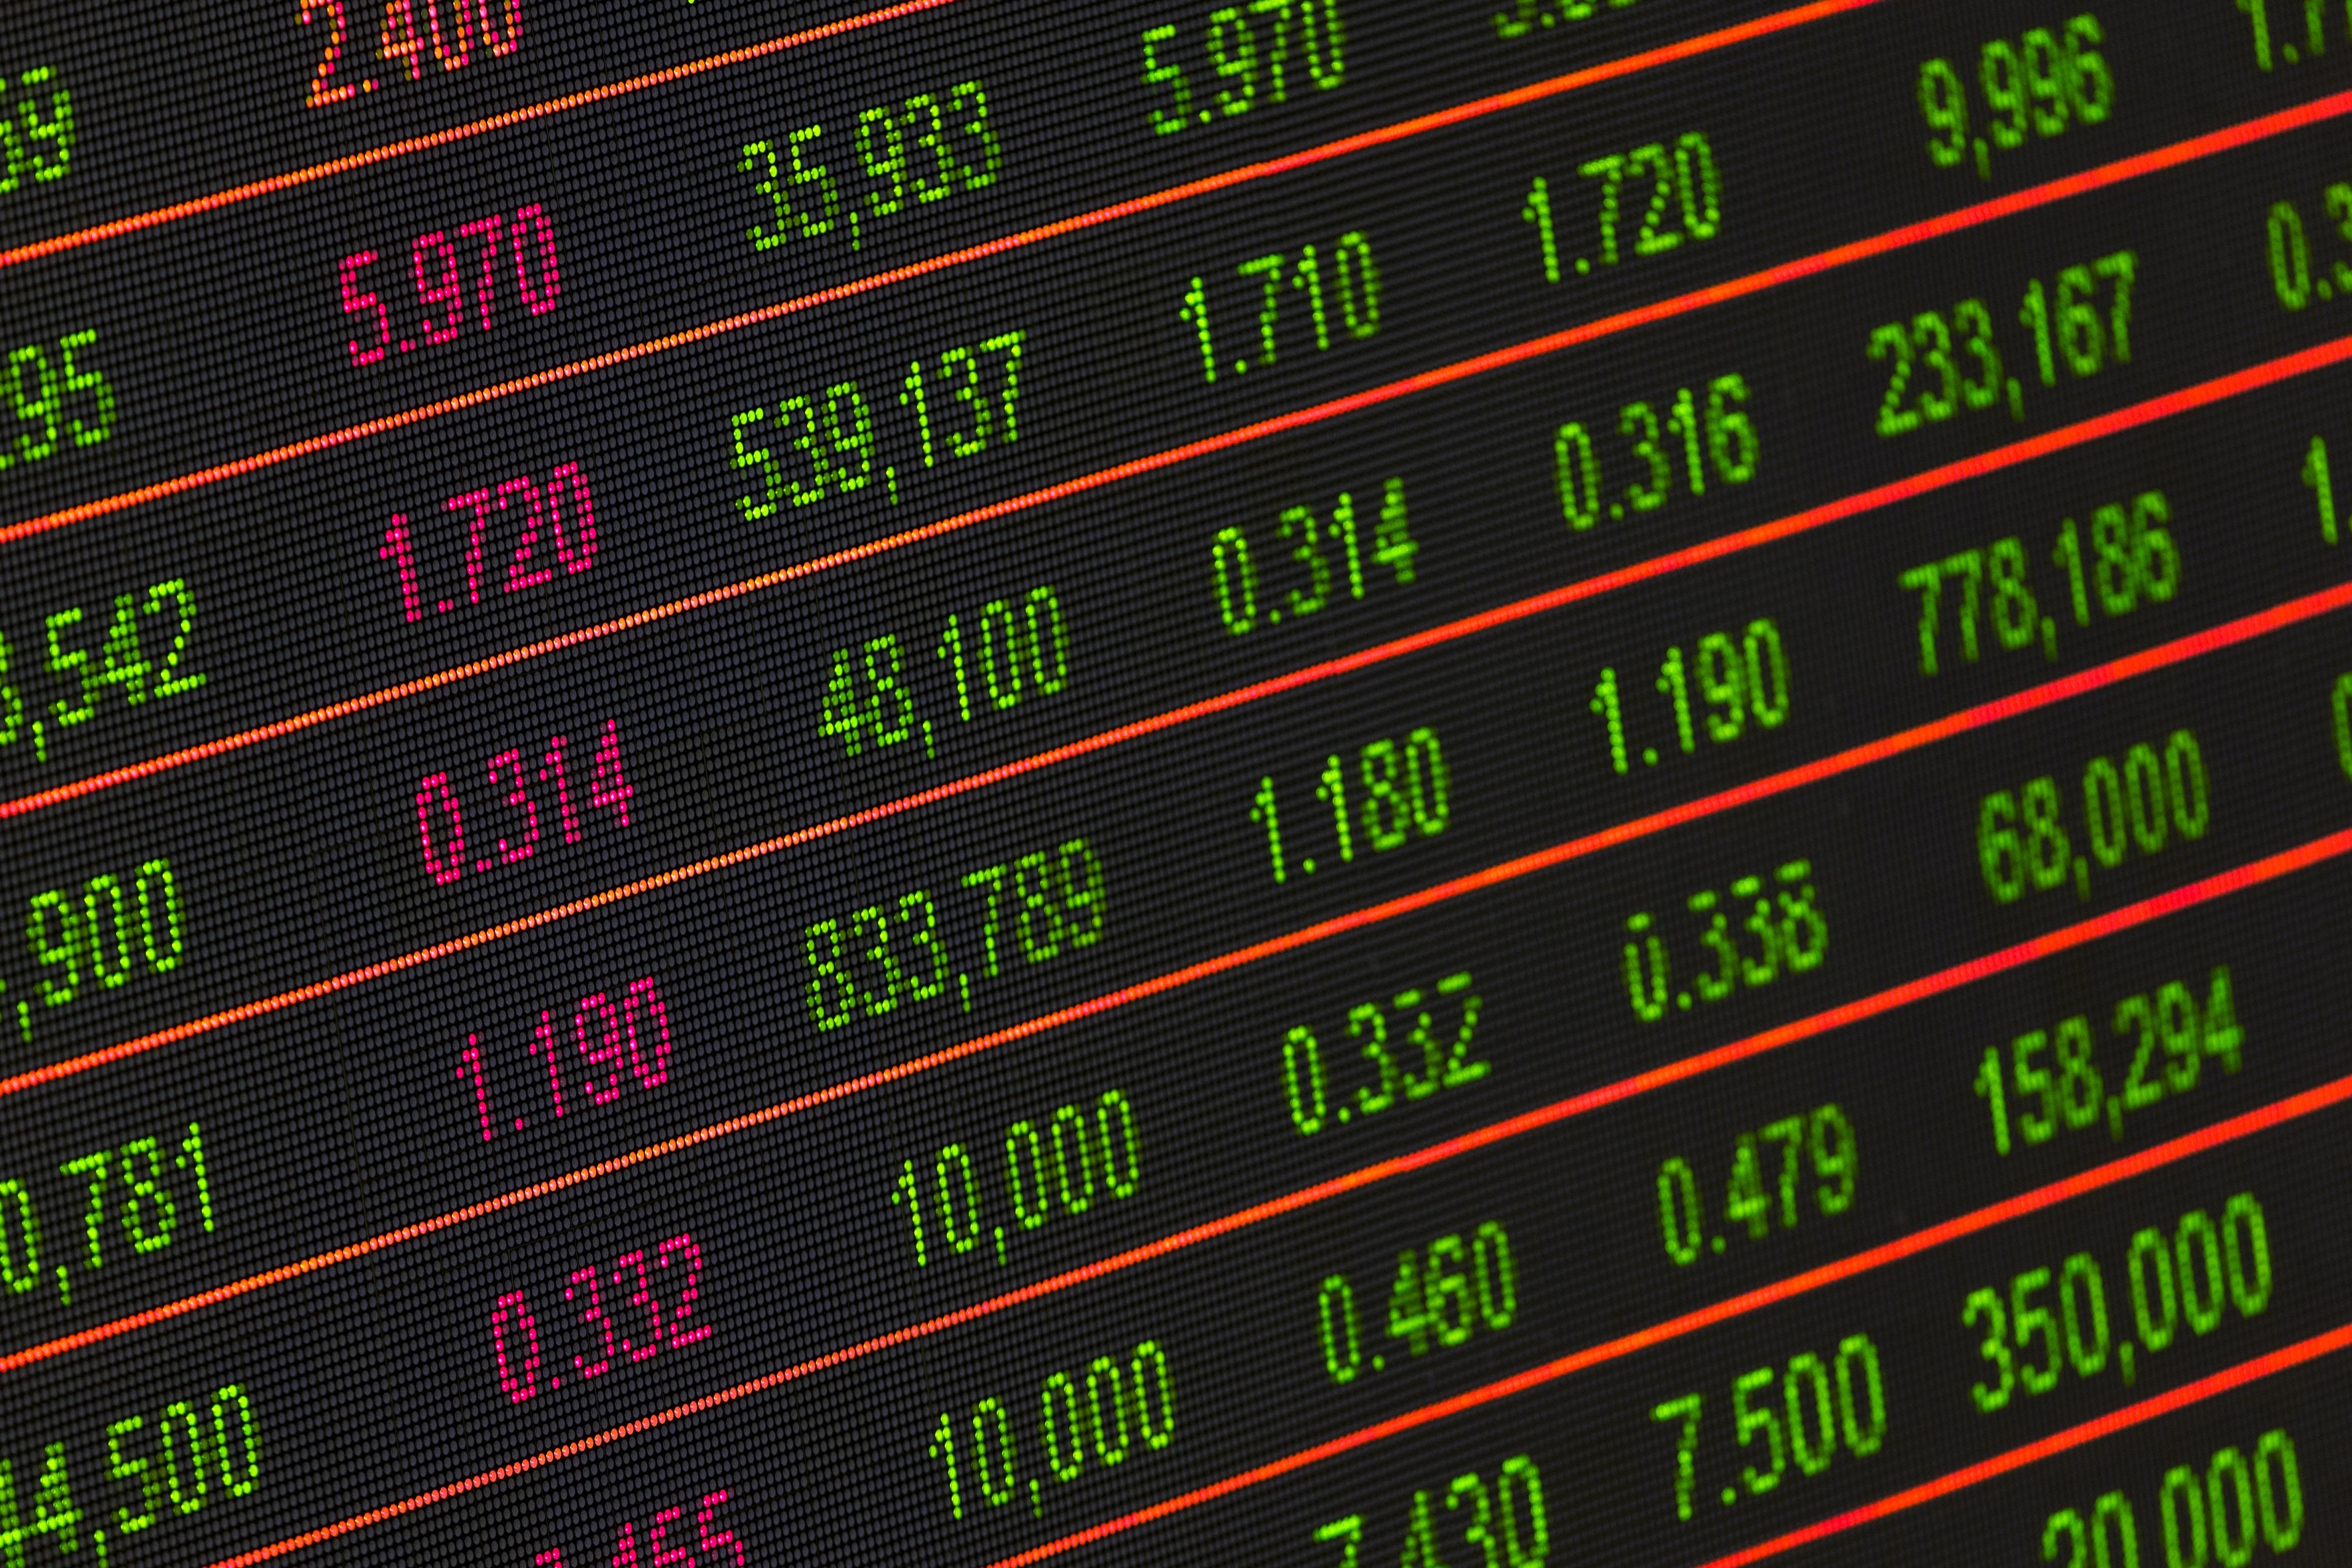 Le marché boursier mondial au plus haut